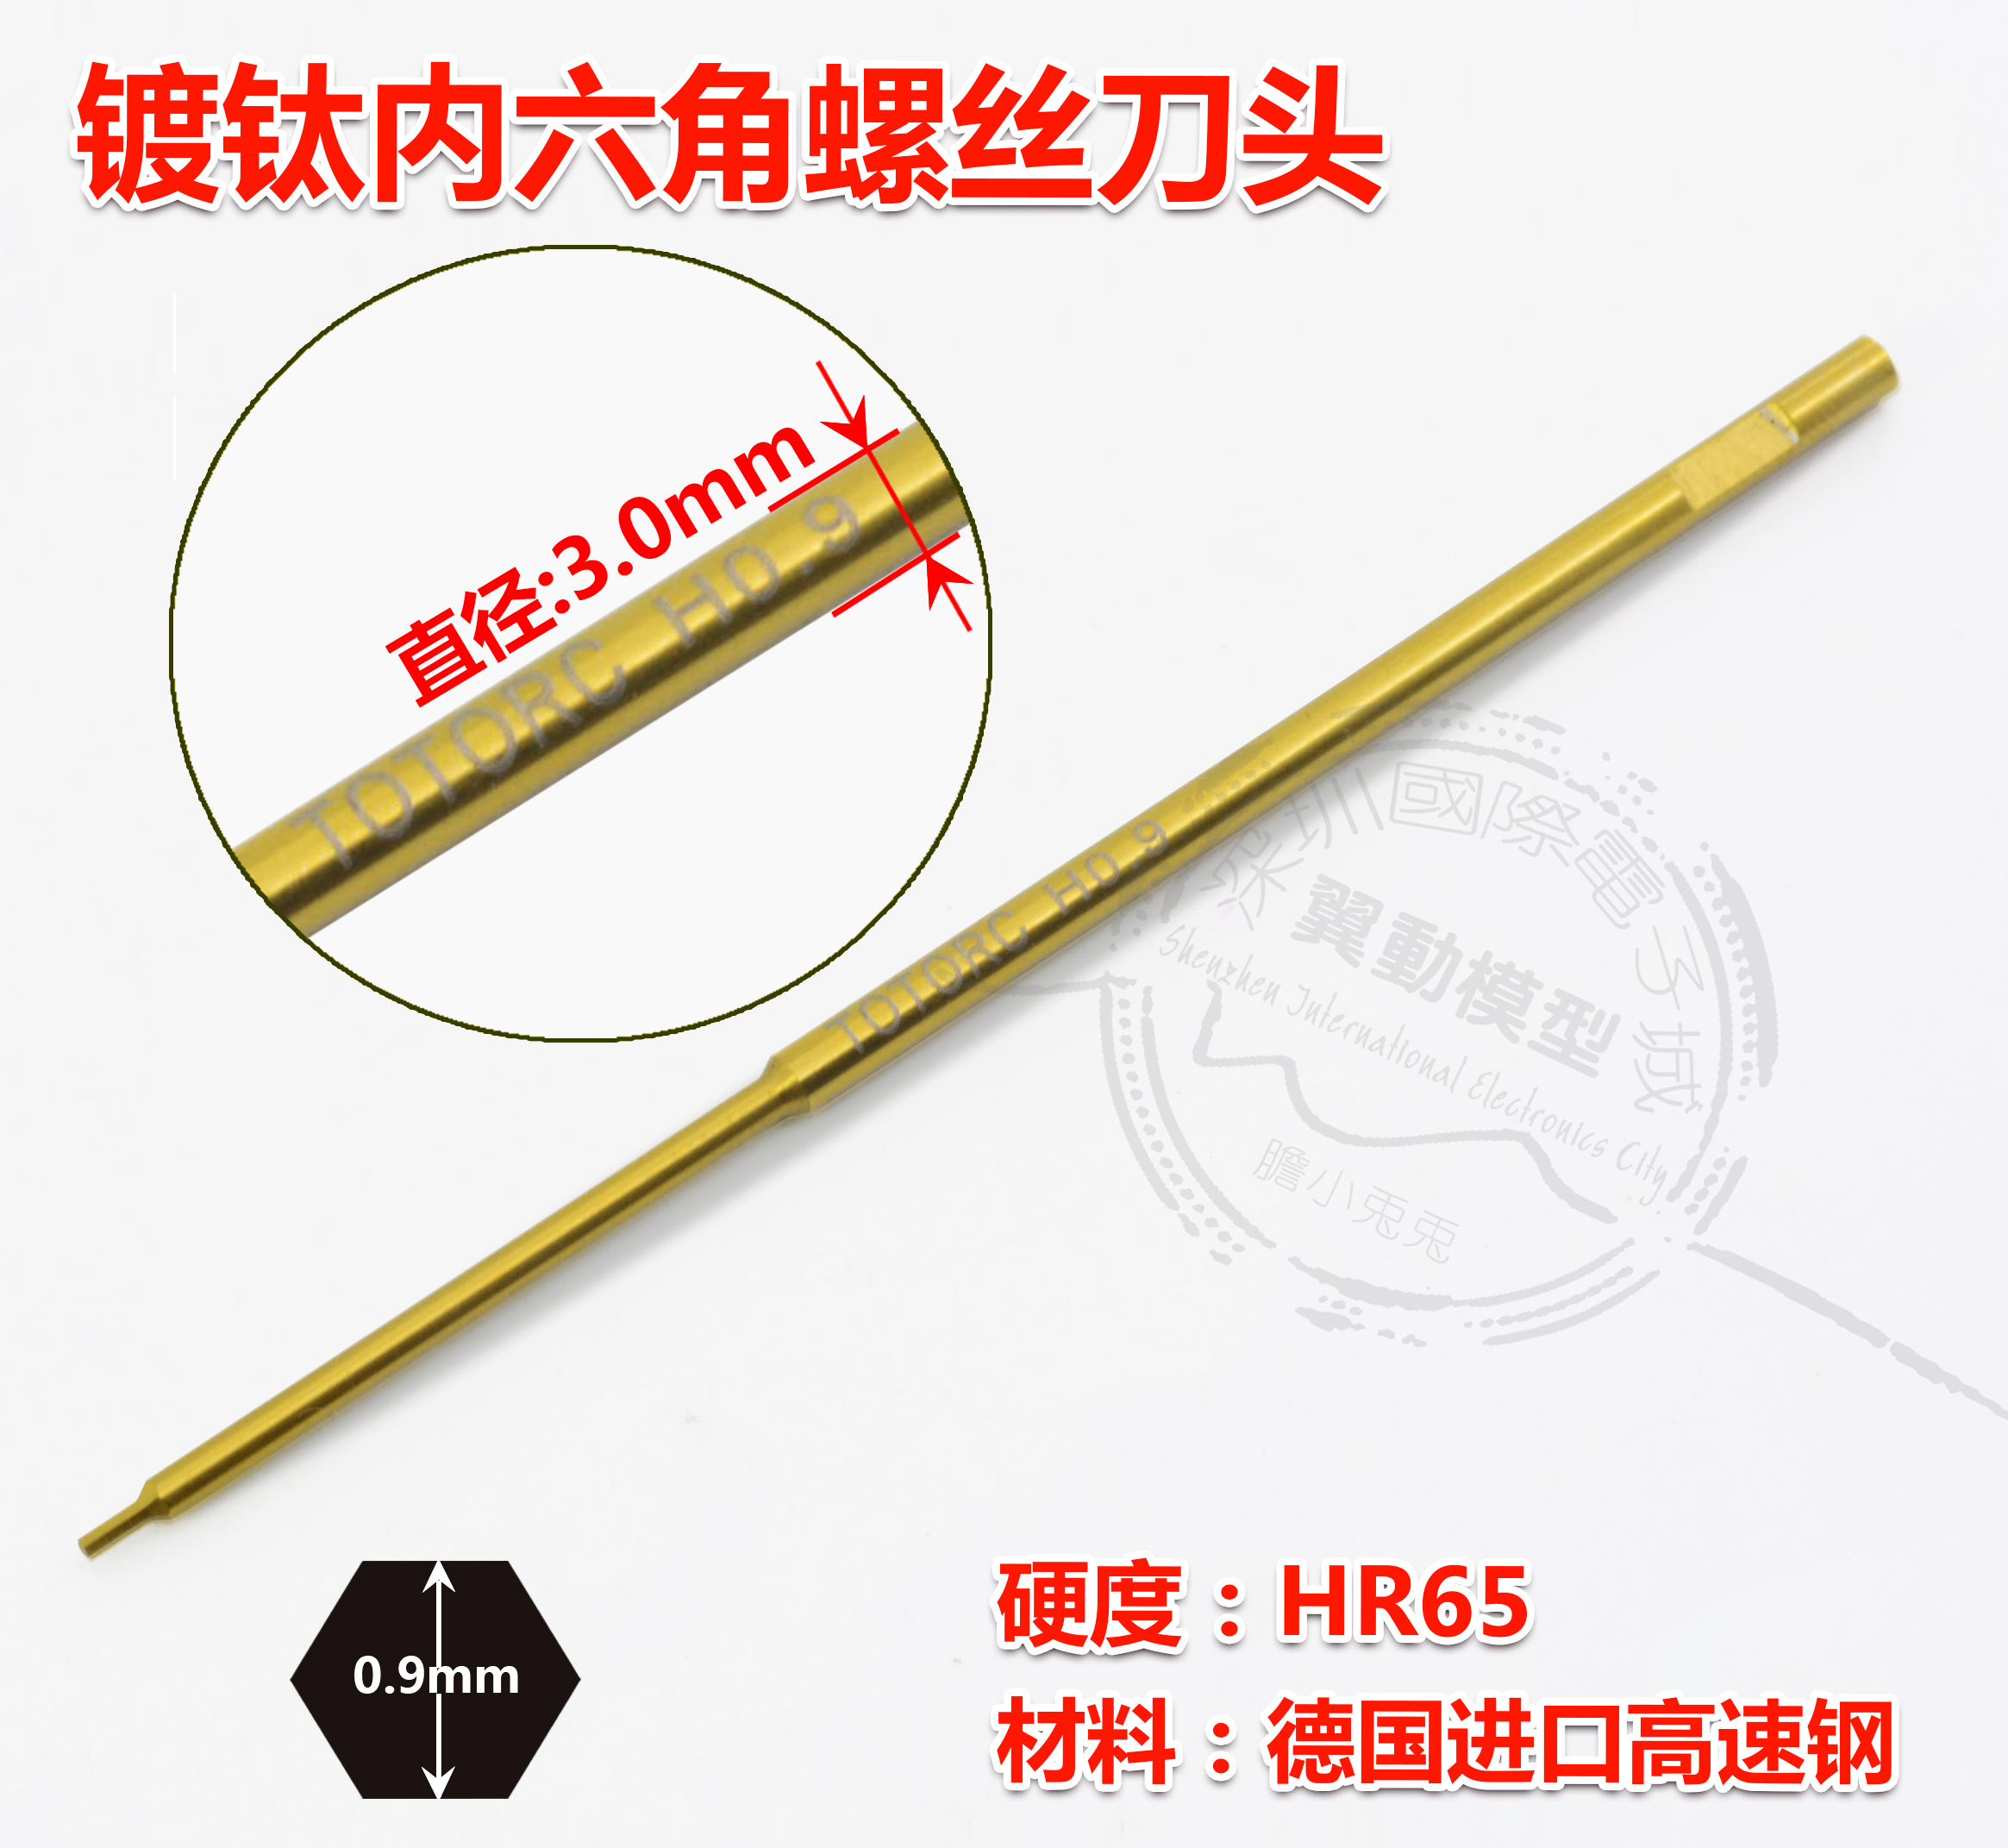 航模1.5 2.0 2.5 3.0mm内六角螺丝刀头 进口高速钢 镀钛 3mm刀杆